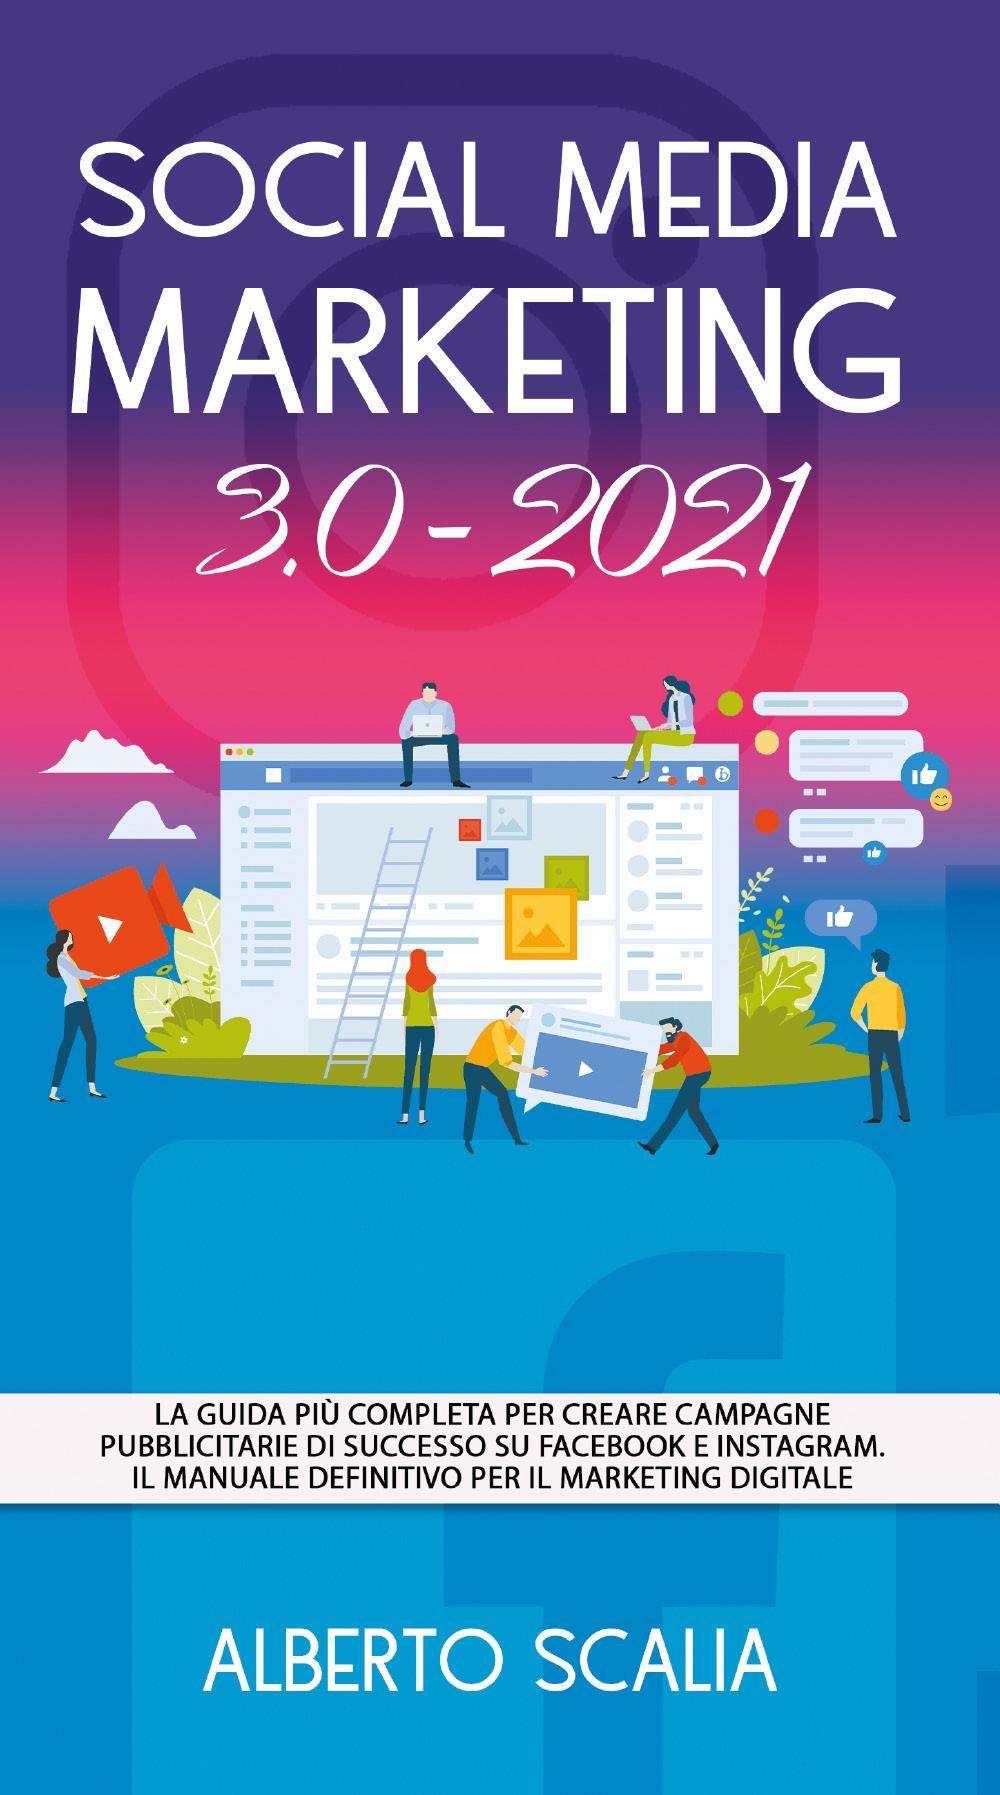 SOCIAL MEDIA MARKETING 3.0 2021; La Guida Più Completa Per Creare Campagne Pubblicitarie Di Successo Su Facebook e Instagram